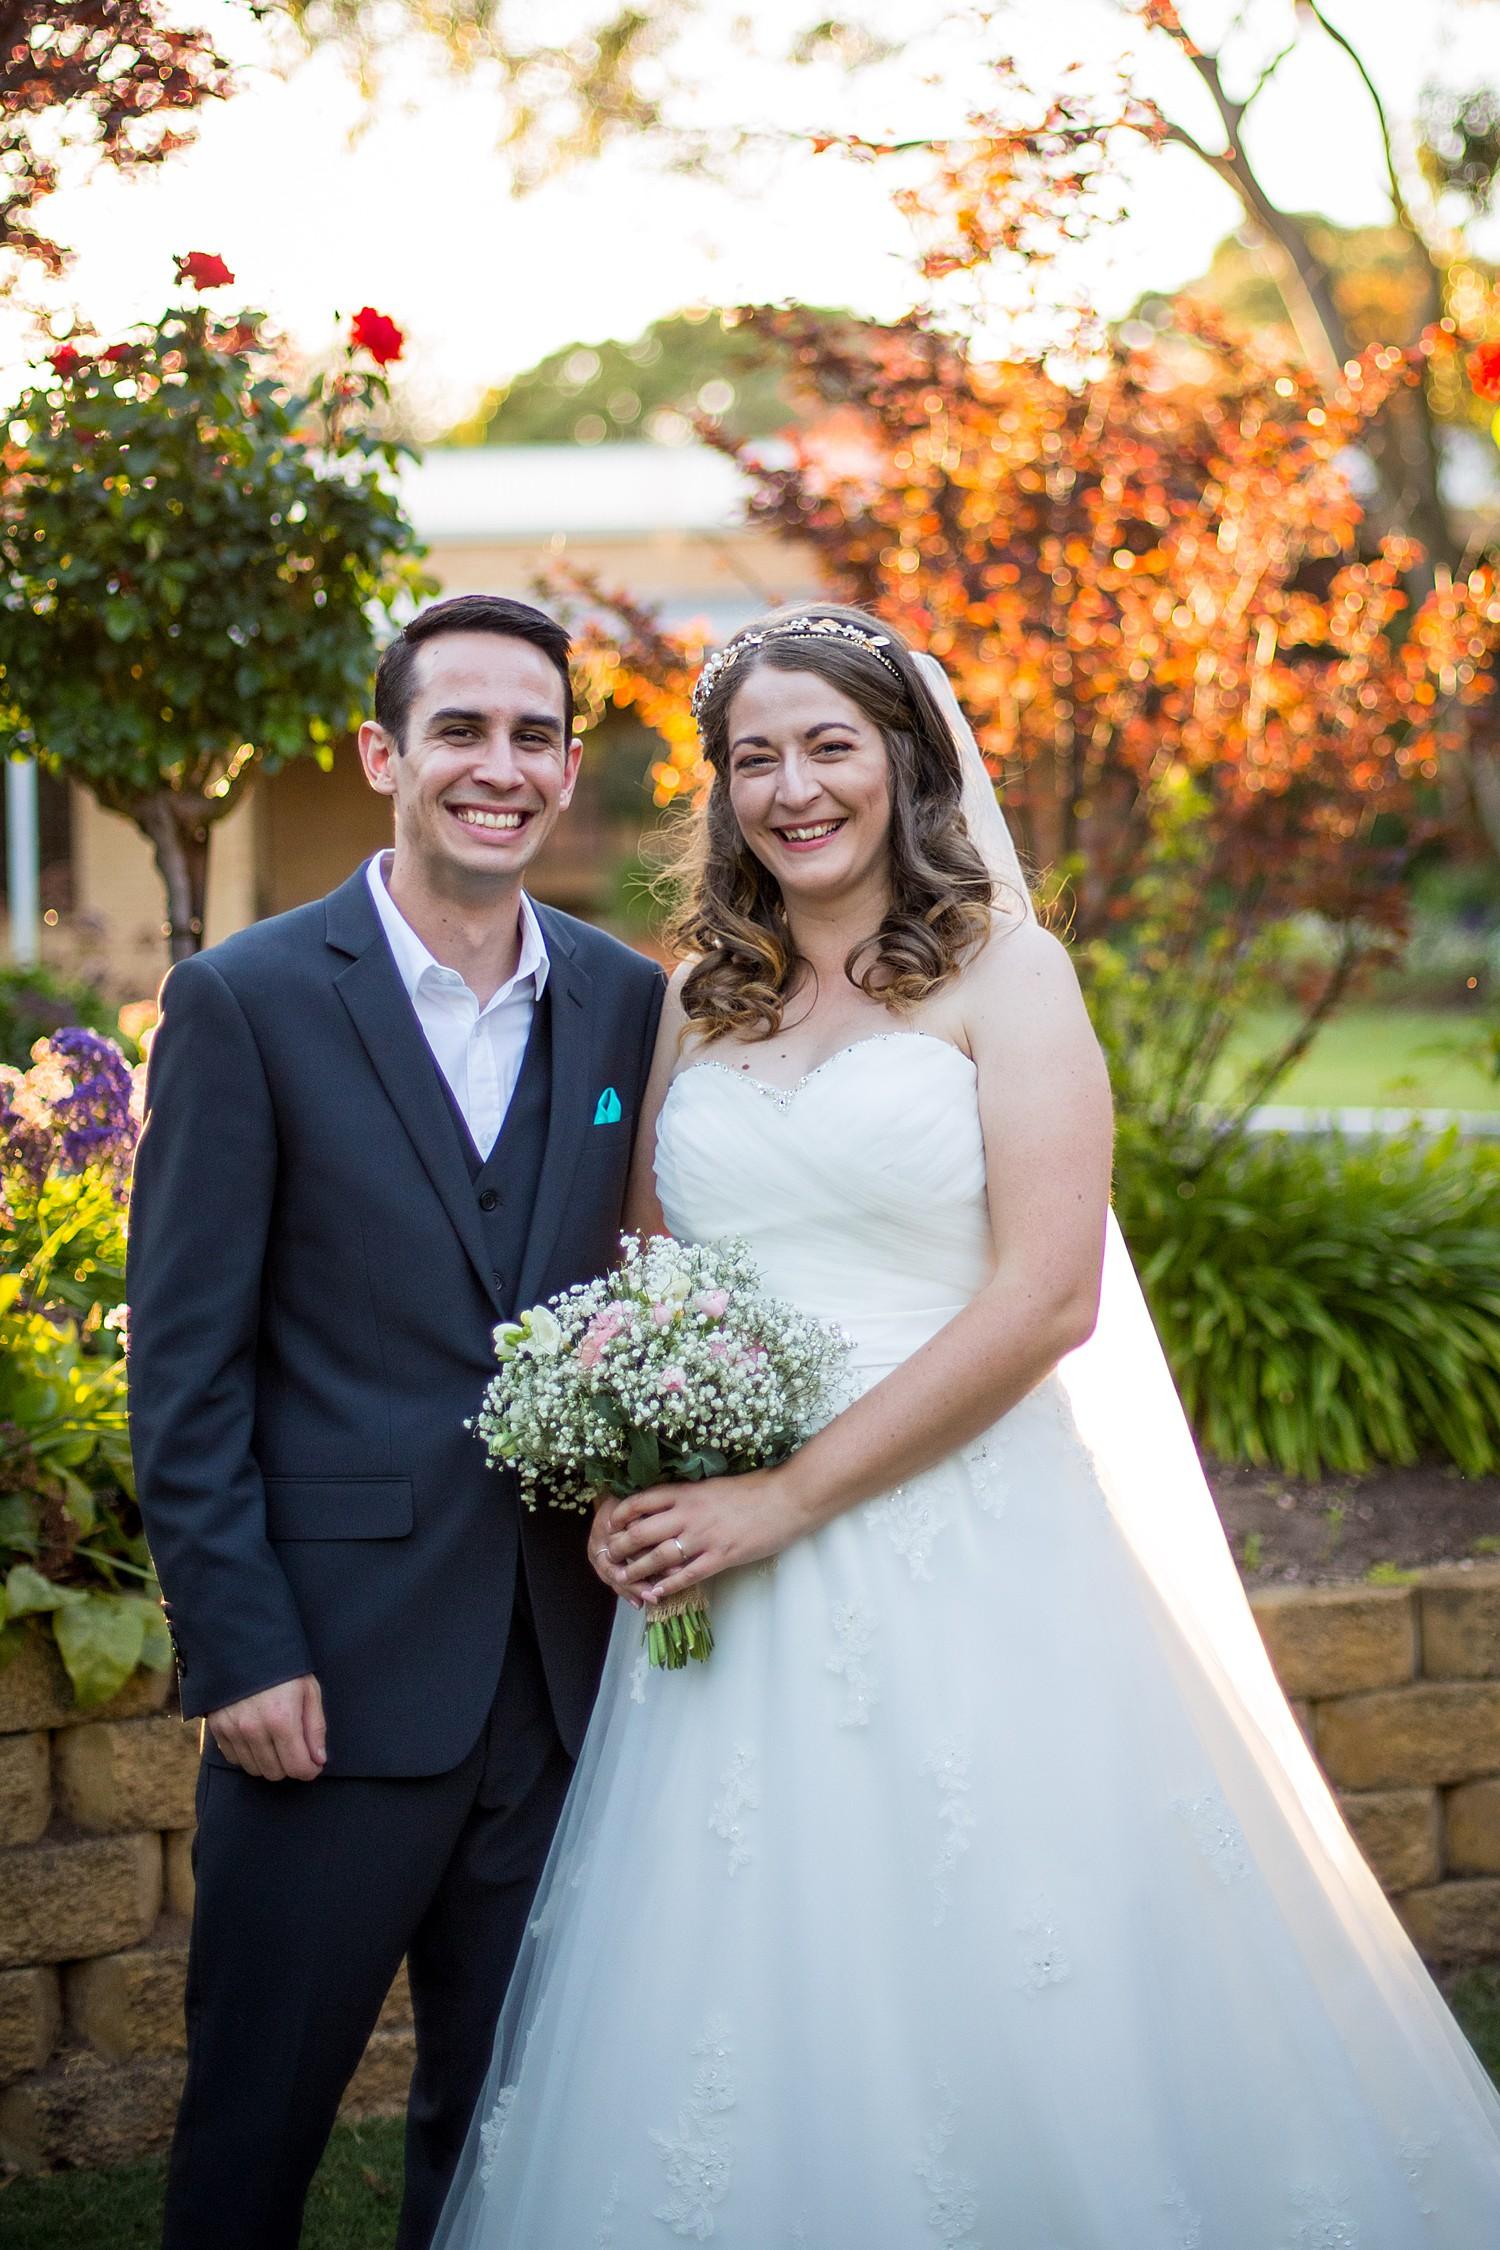 perth_wedding_spring_bridgeleigh_estate_0067.jpg